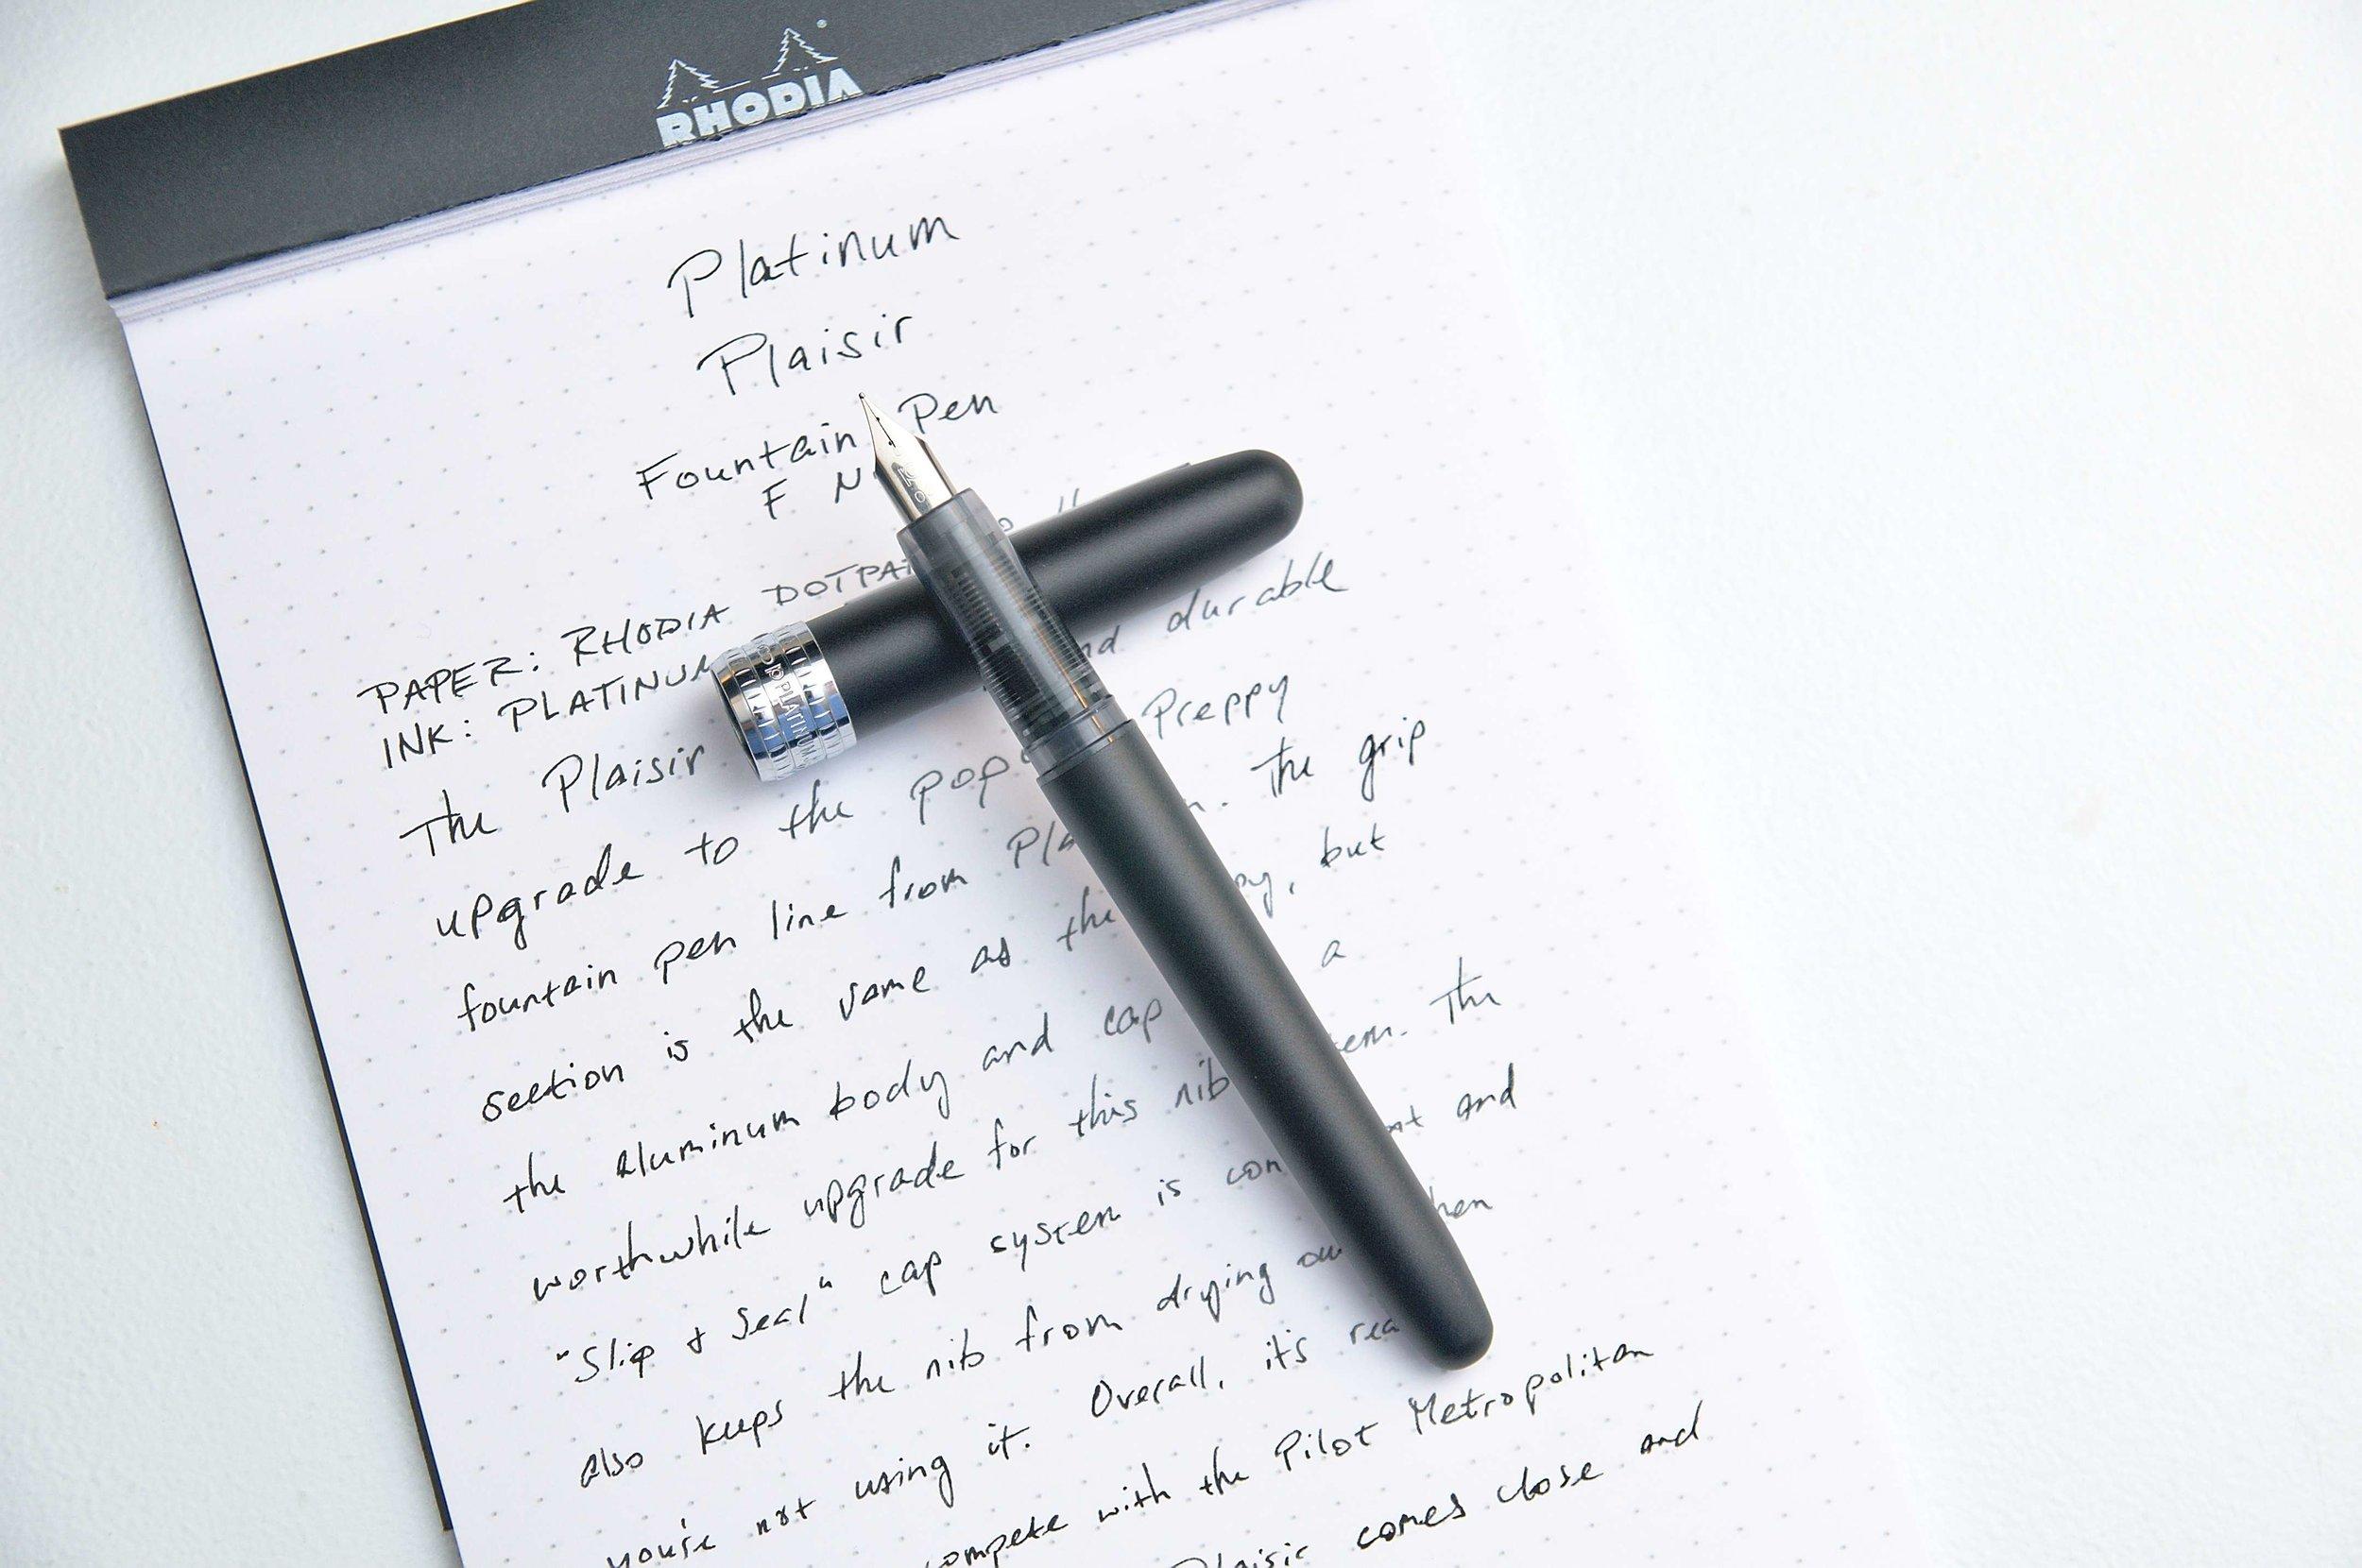 Platinum Plaisir Black Mist Fountain Pen Review